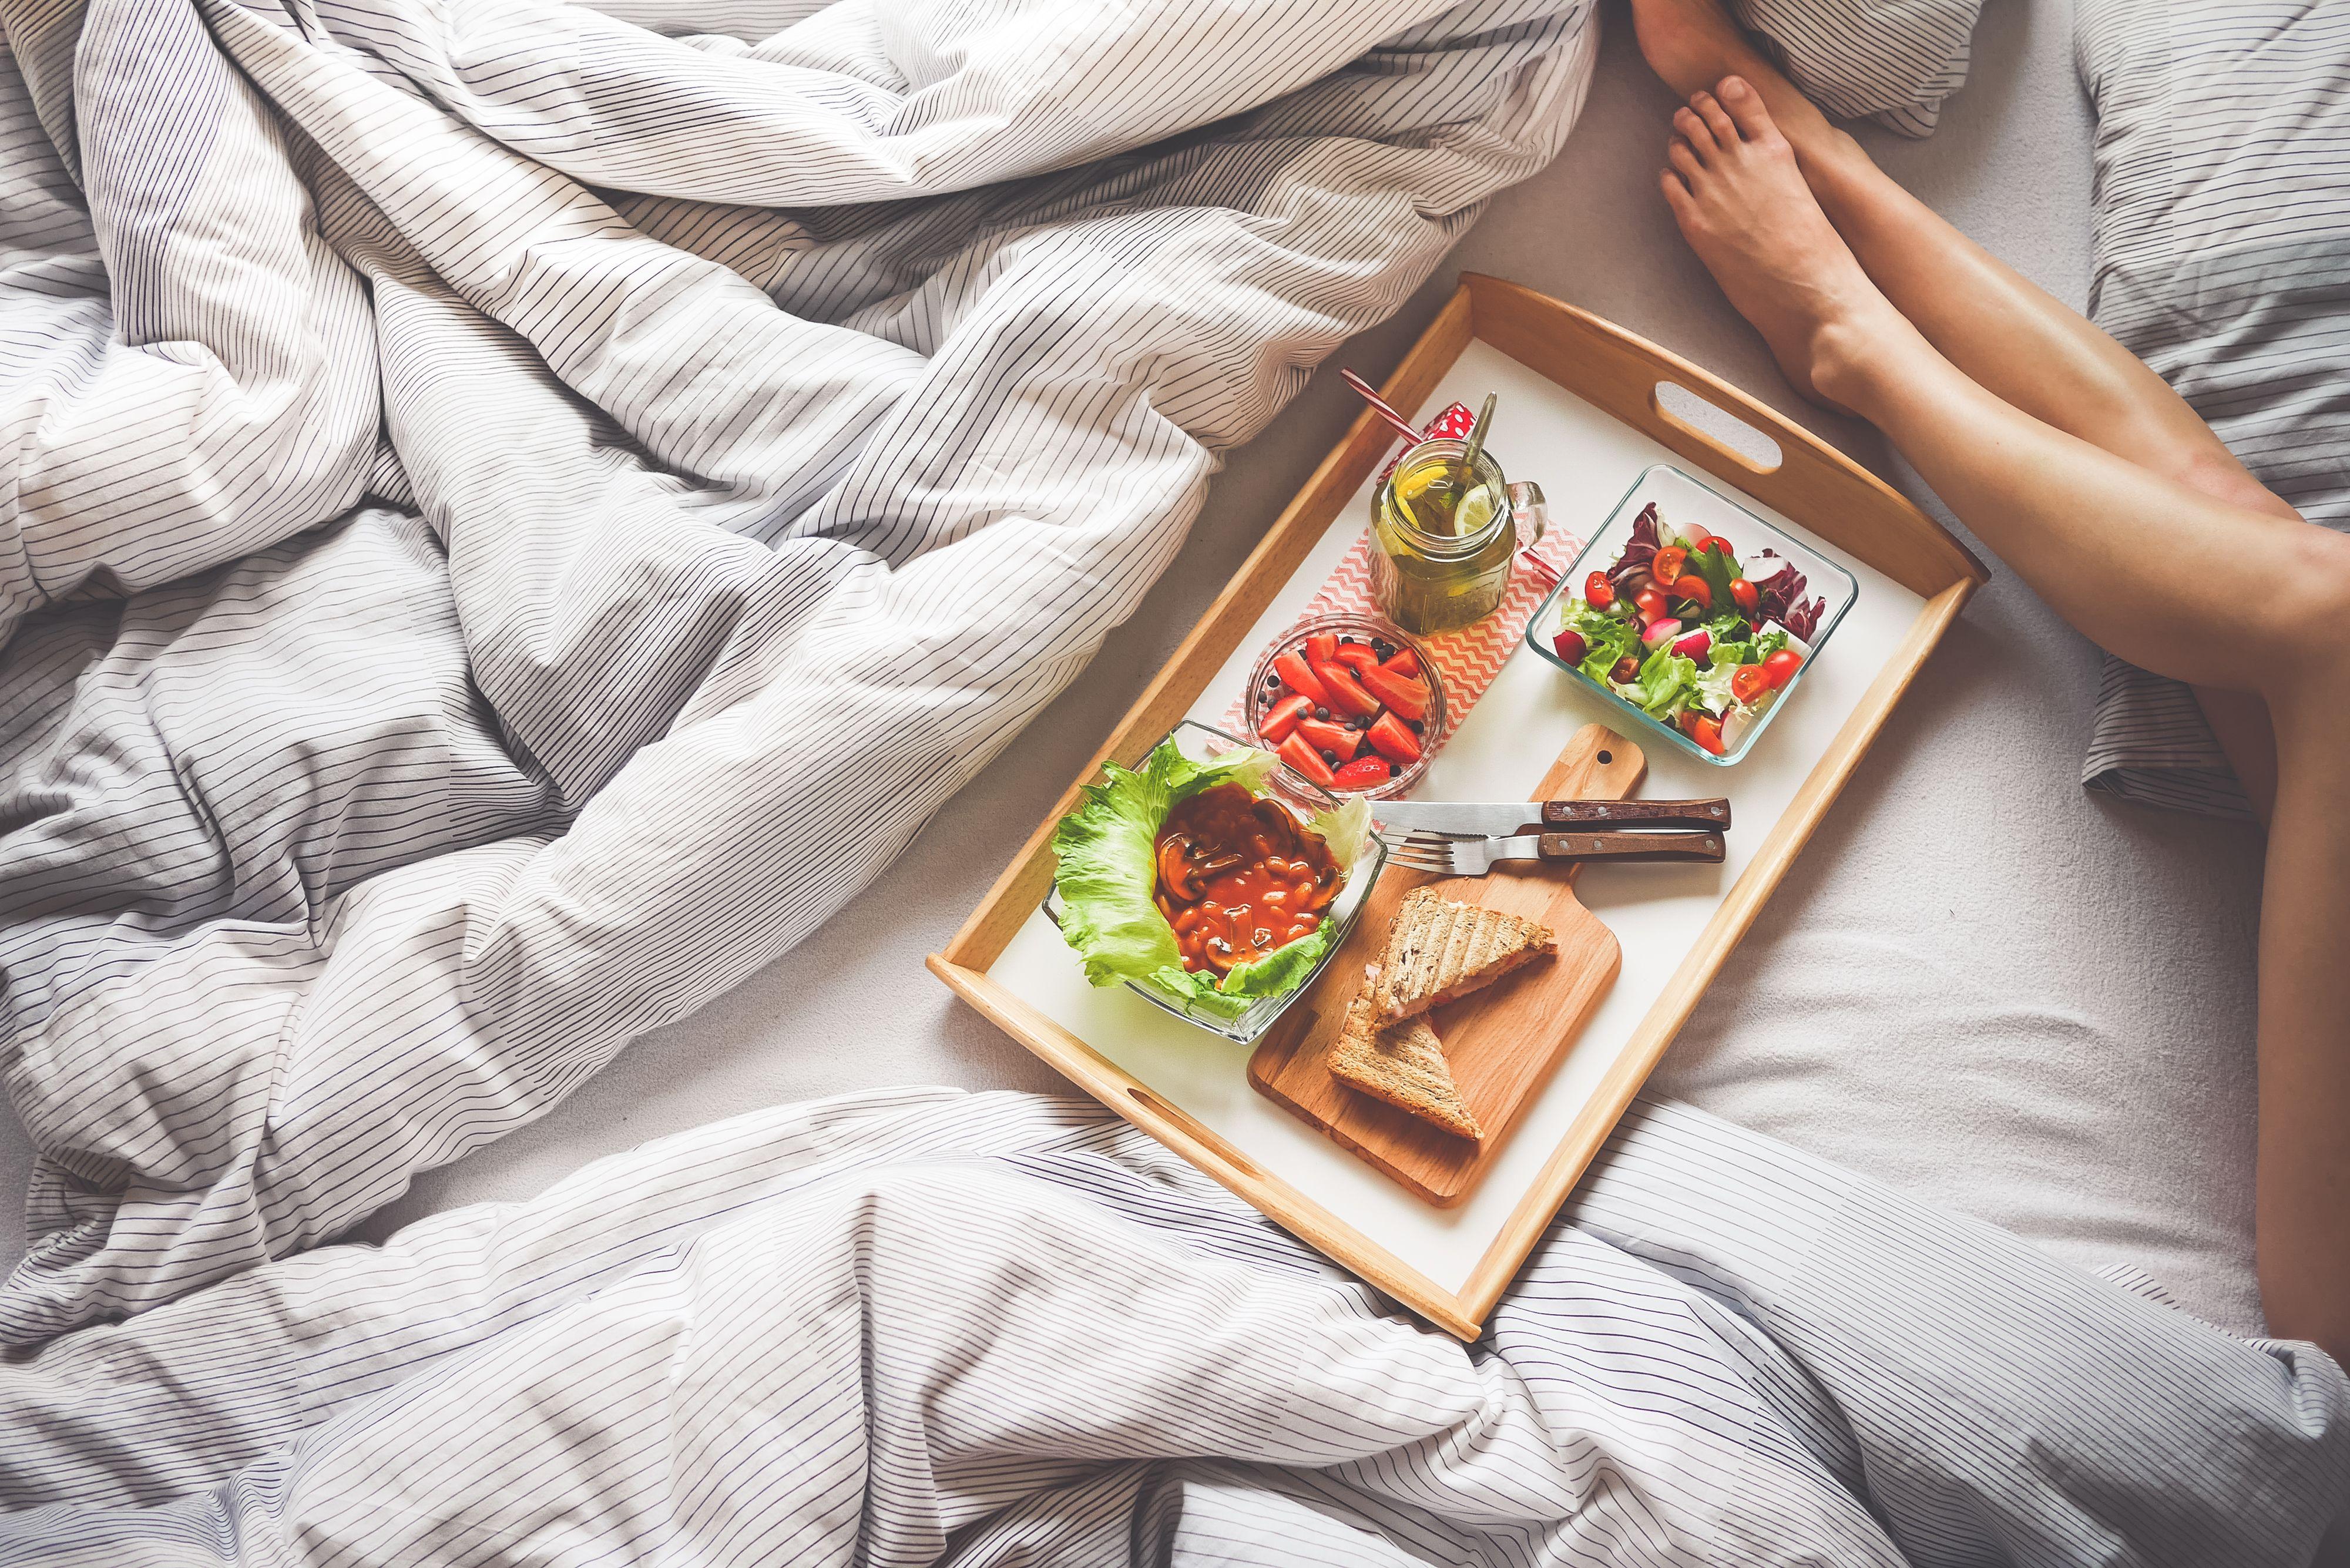 petit dej au lit 5 recettes express a mix and matcher pour epater votre mec qui pue du bec au. Black Bedroom Furniture Sets. Home Design Ideas